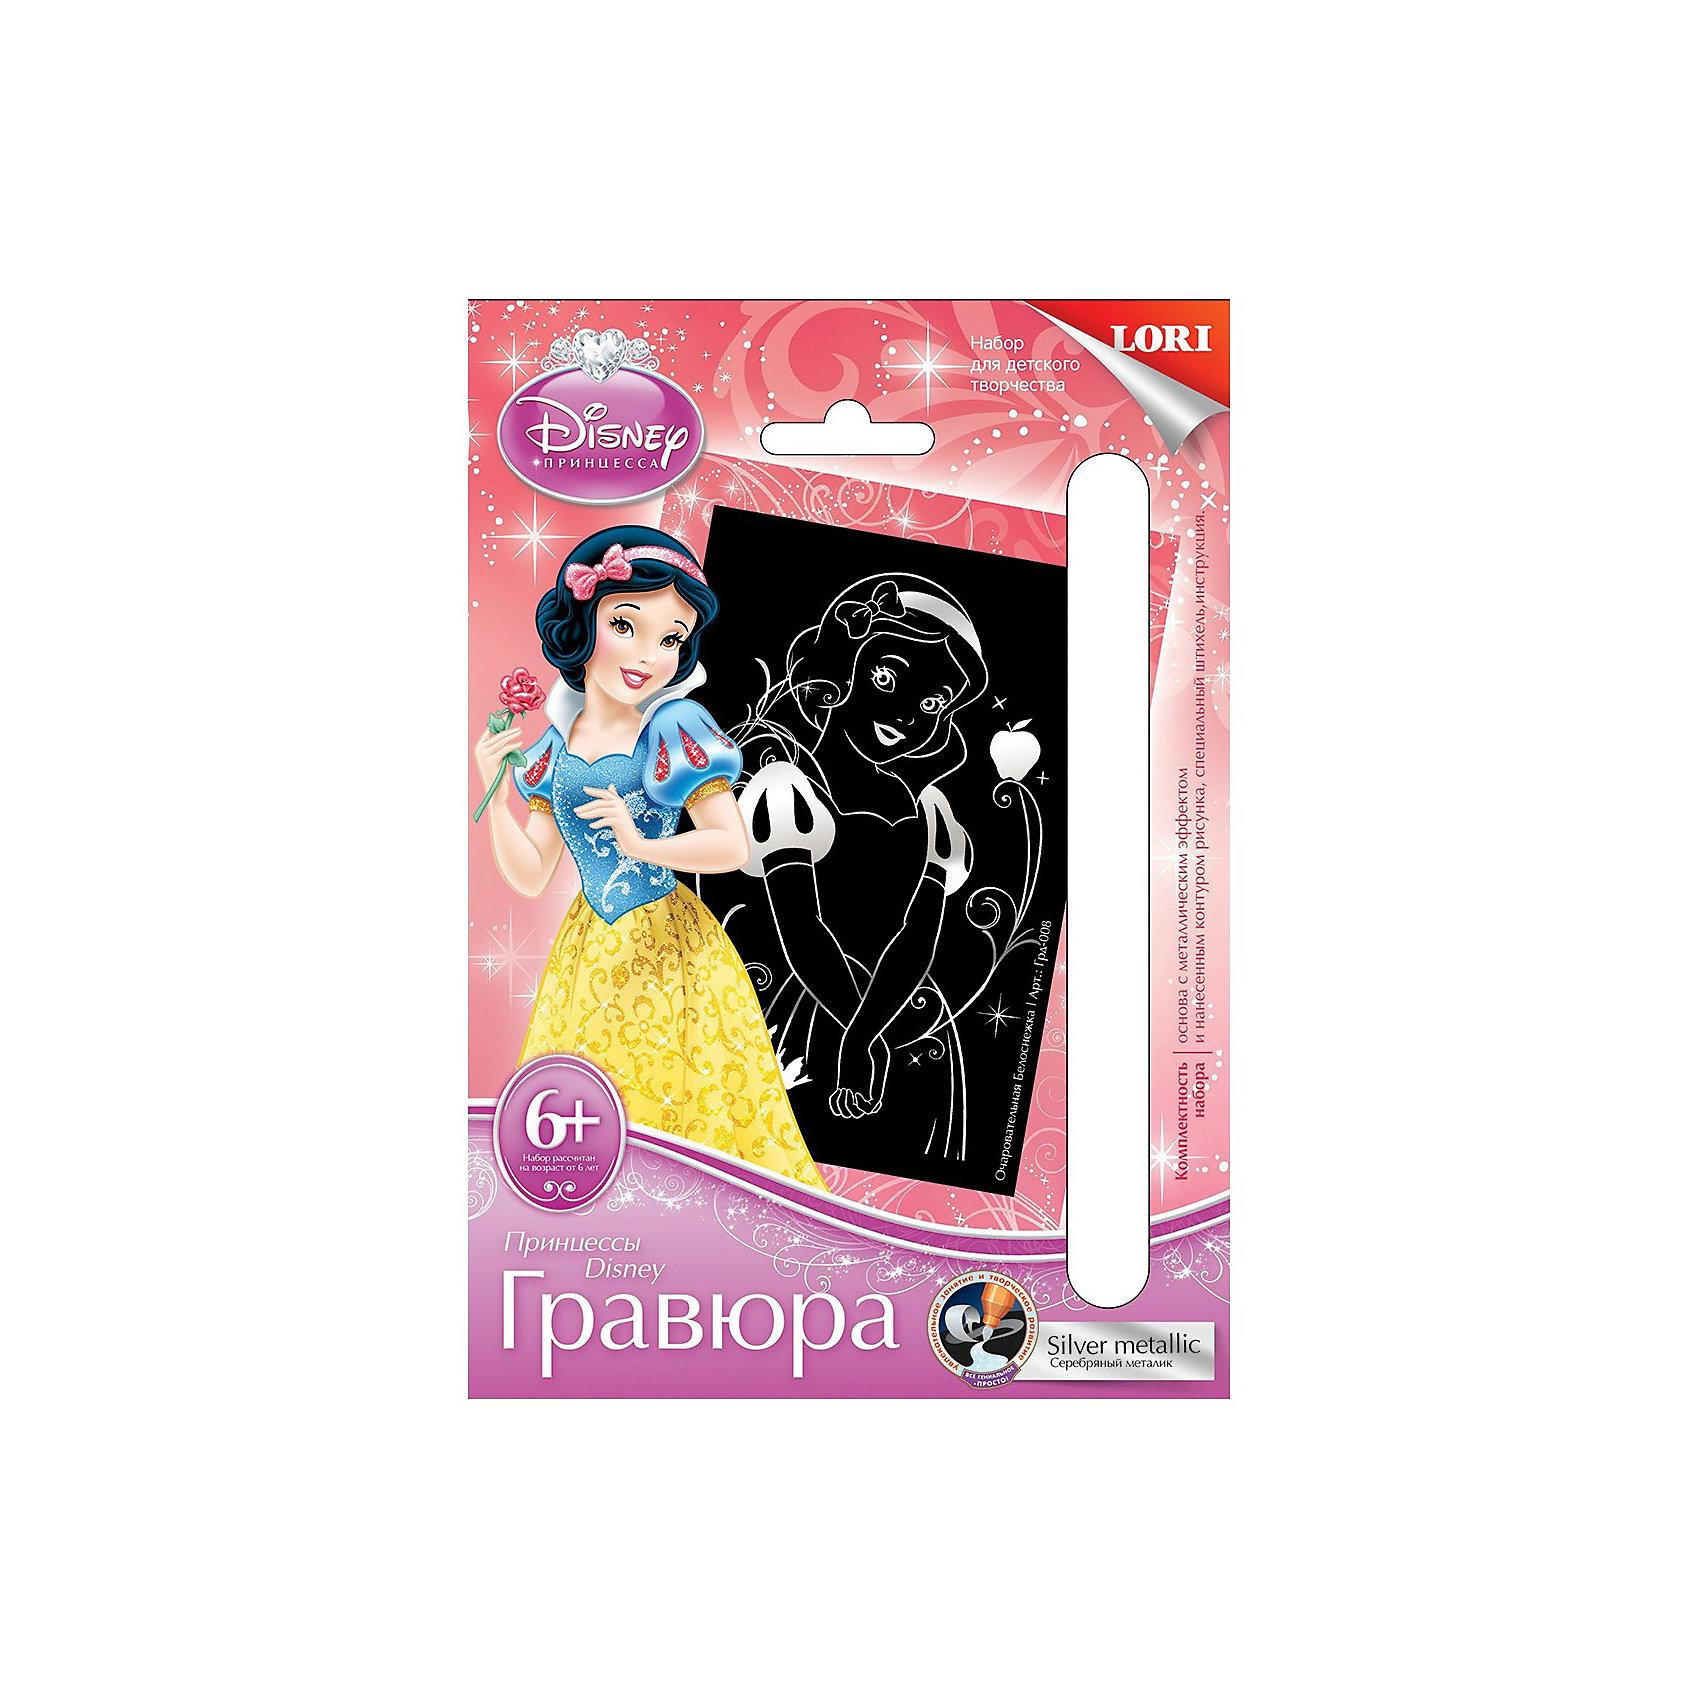 Гравюра малая серебро Очаровательная Белоснежка, Disney Princess, LORI